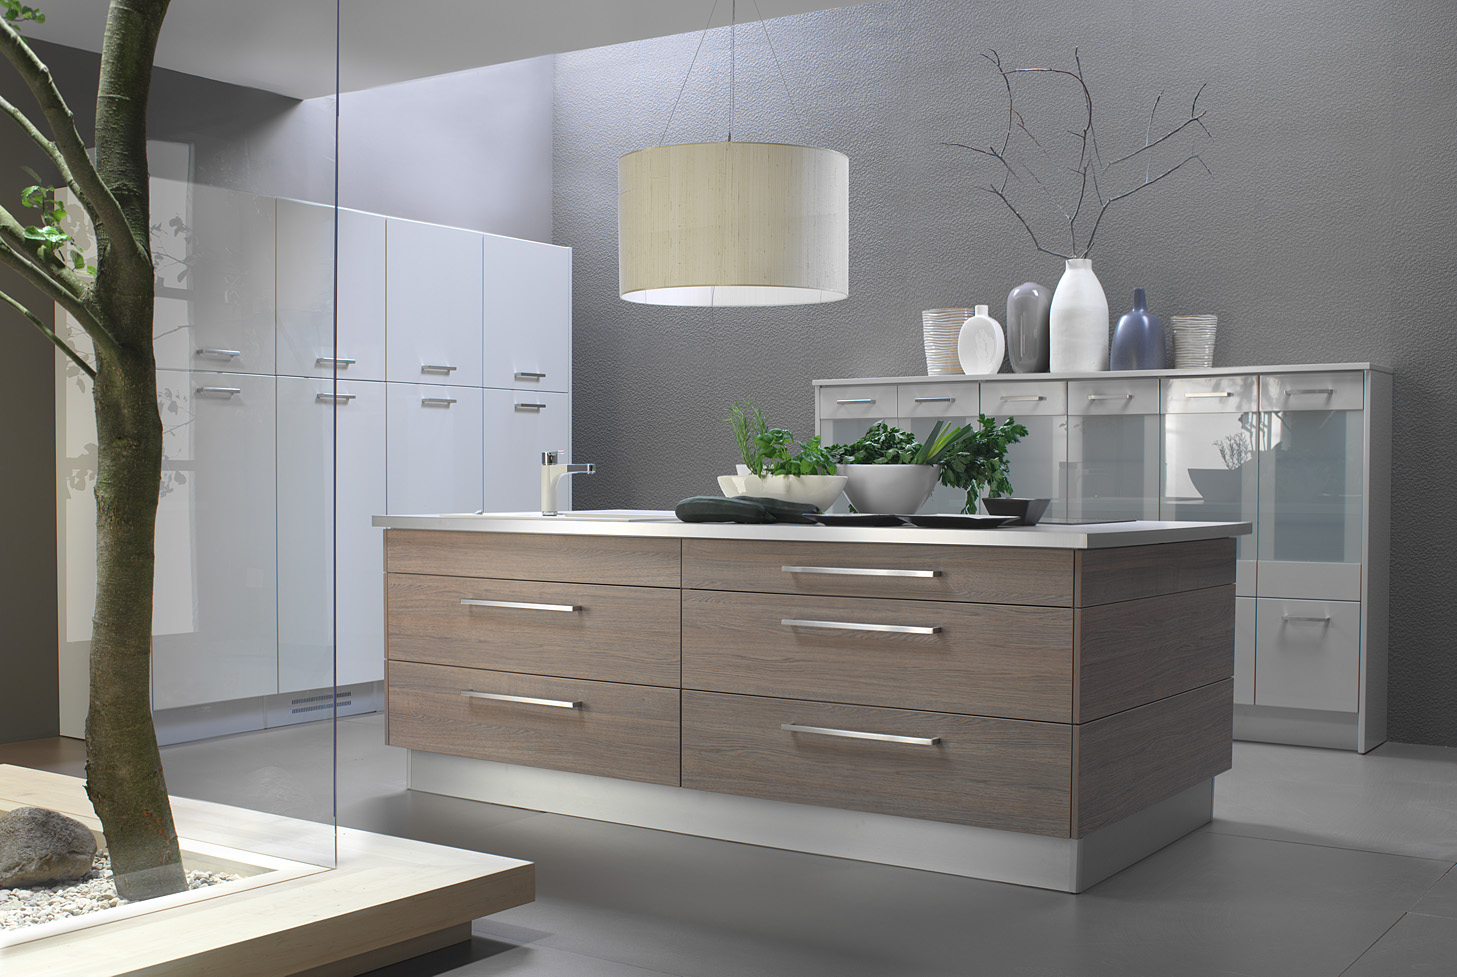 Laminate kitchen cabinets design ideas | Czytamwwannie's